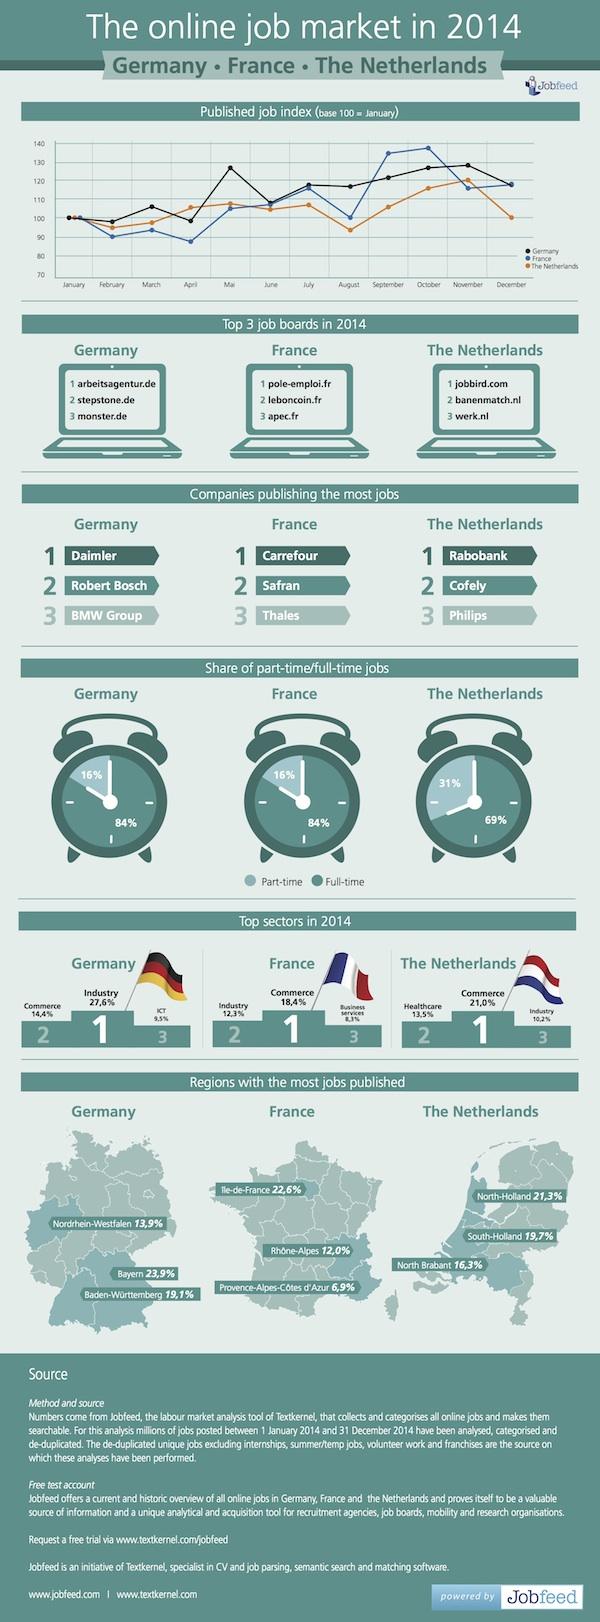 Infografik - Der online Arbeitsmarkt in 2014 - Deutschland, Frankreich und die Niederlande (klein)